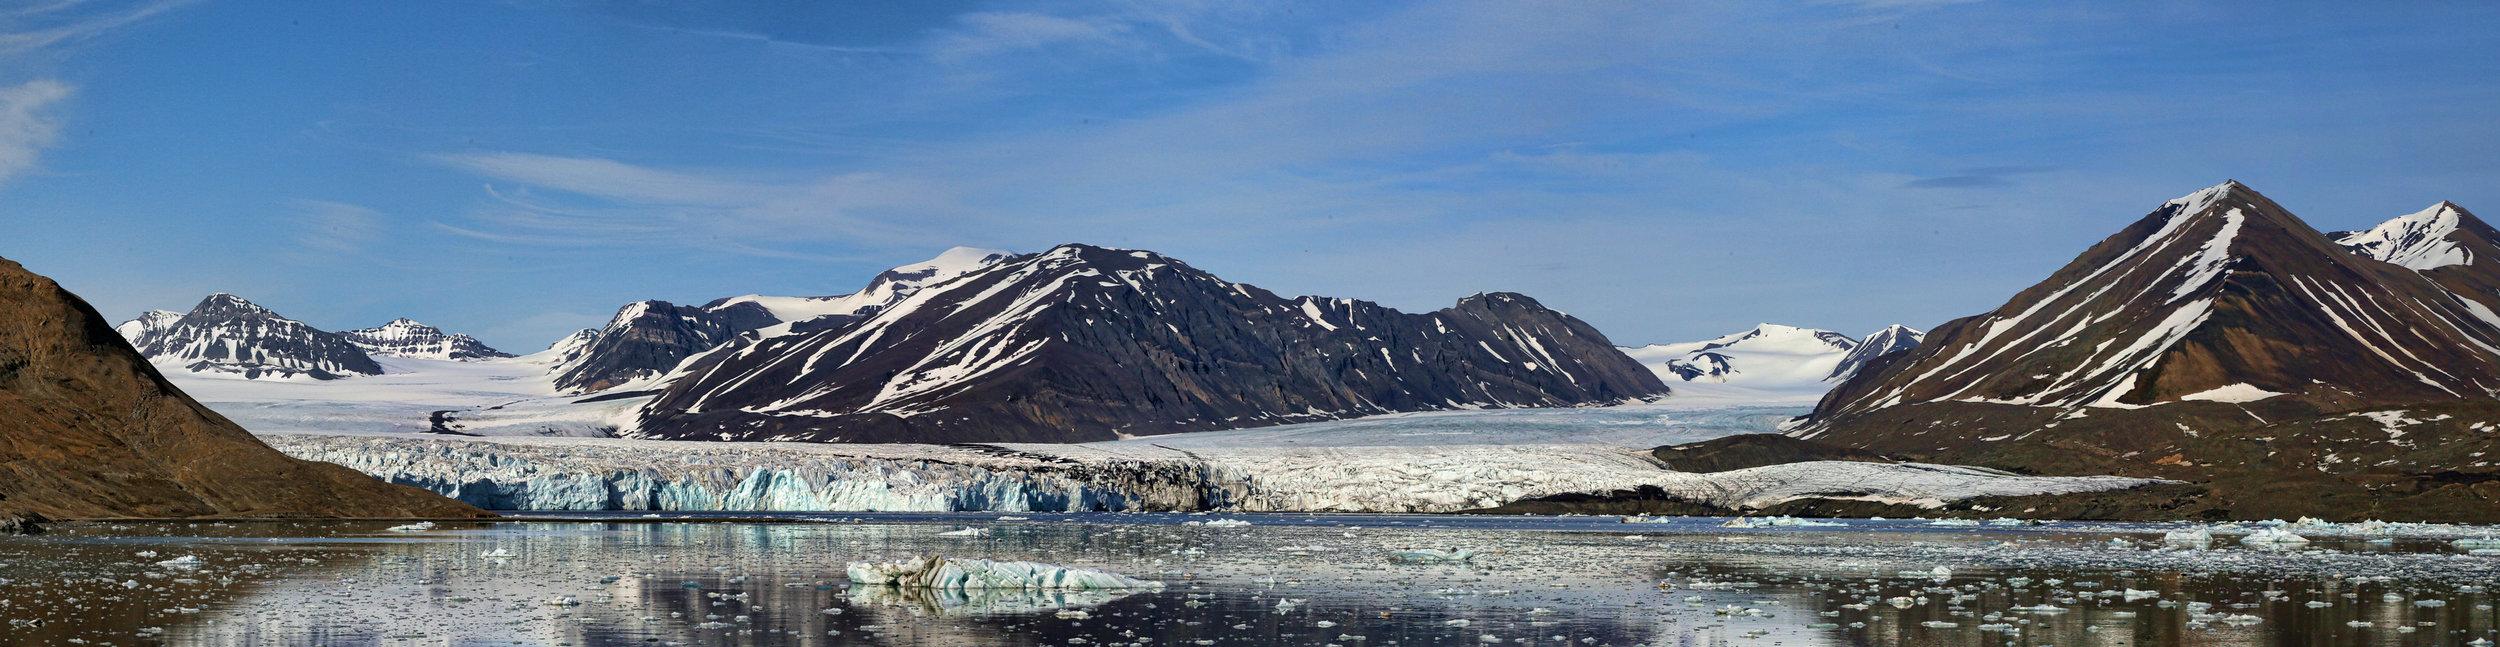 Lilliehöökbreen glacier complex